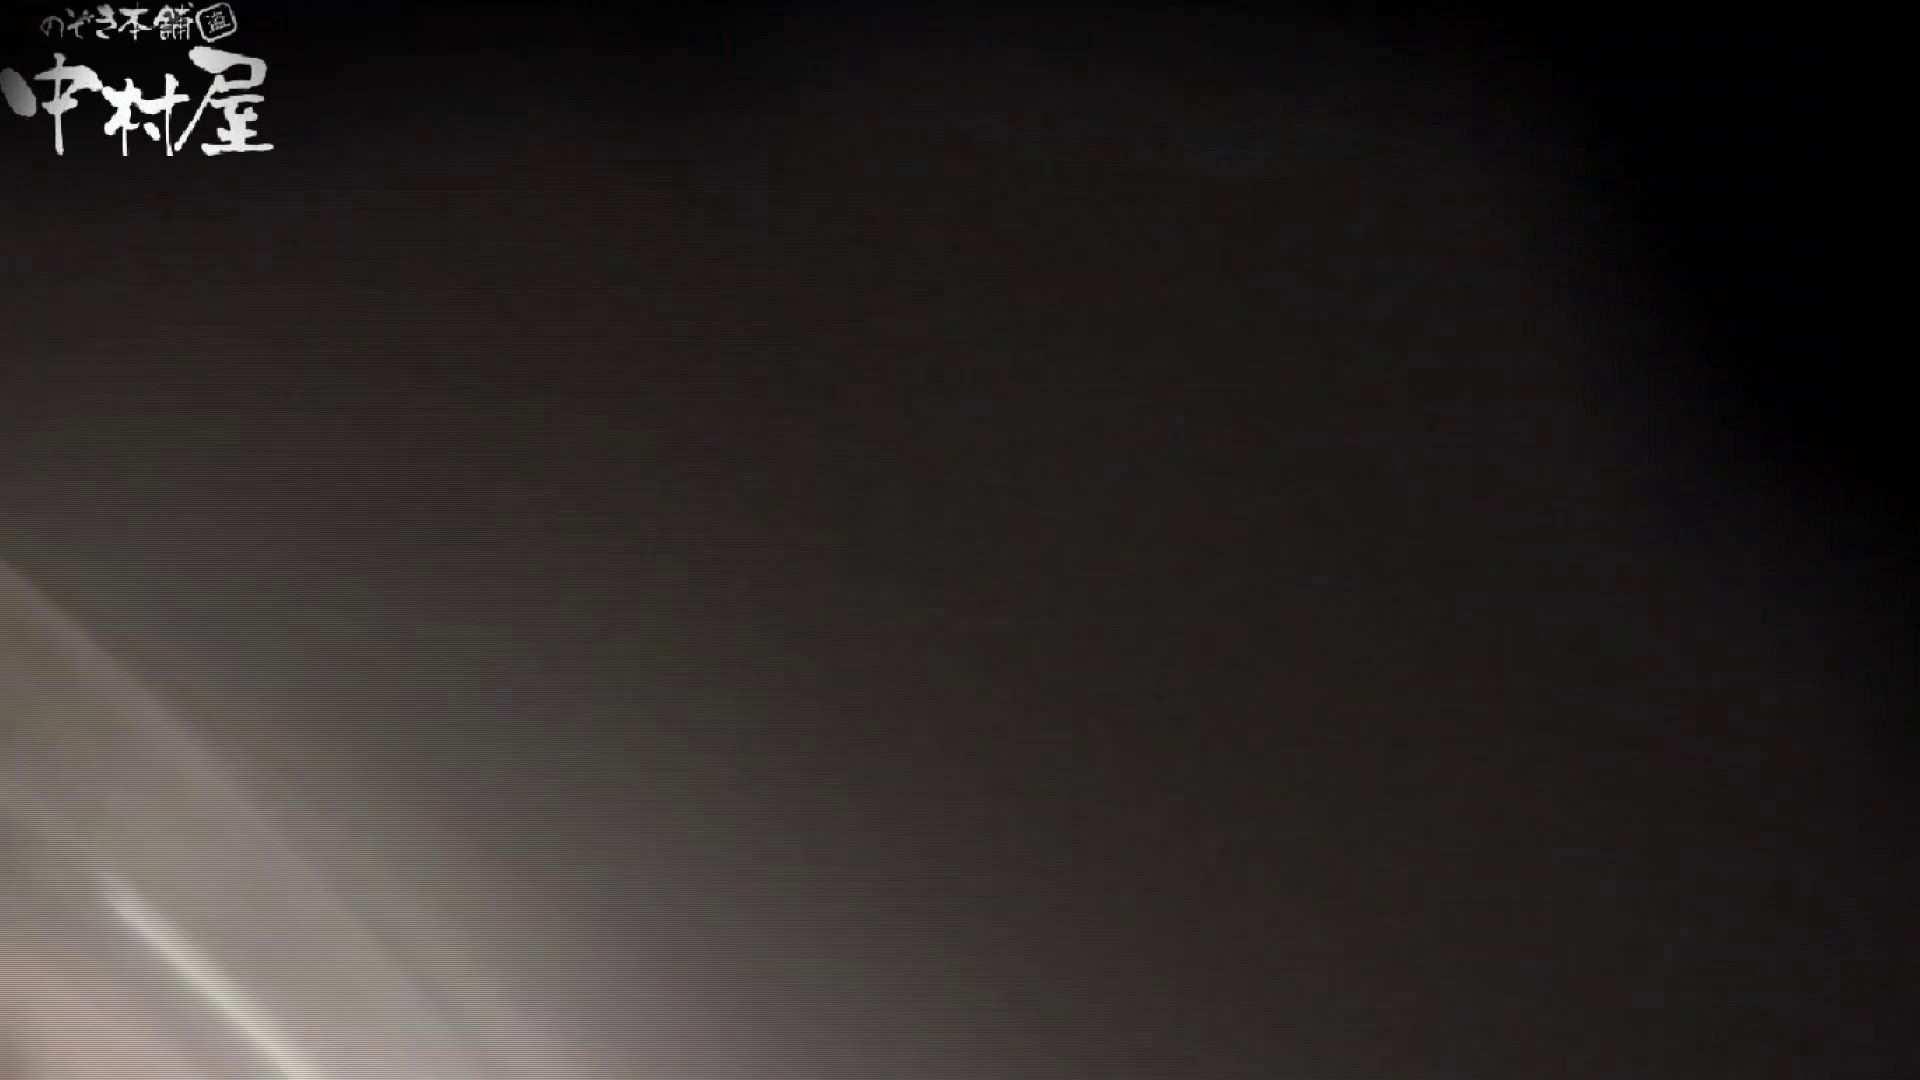 世界の射窓から~ステーション編vol.38 画質格段にUP! おまんこ見放題 | 盗撮シリーズ  94PIX 43